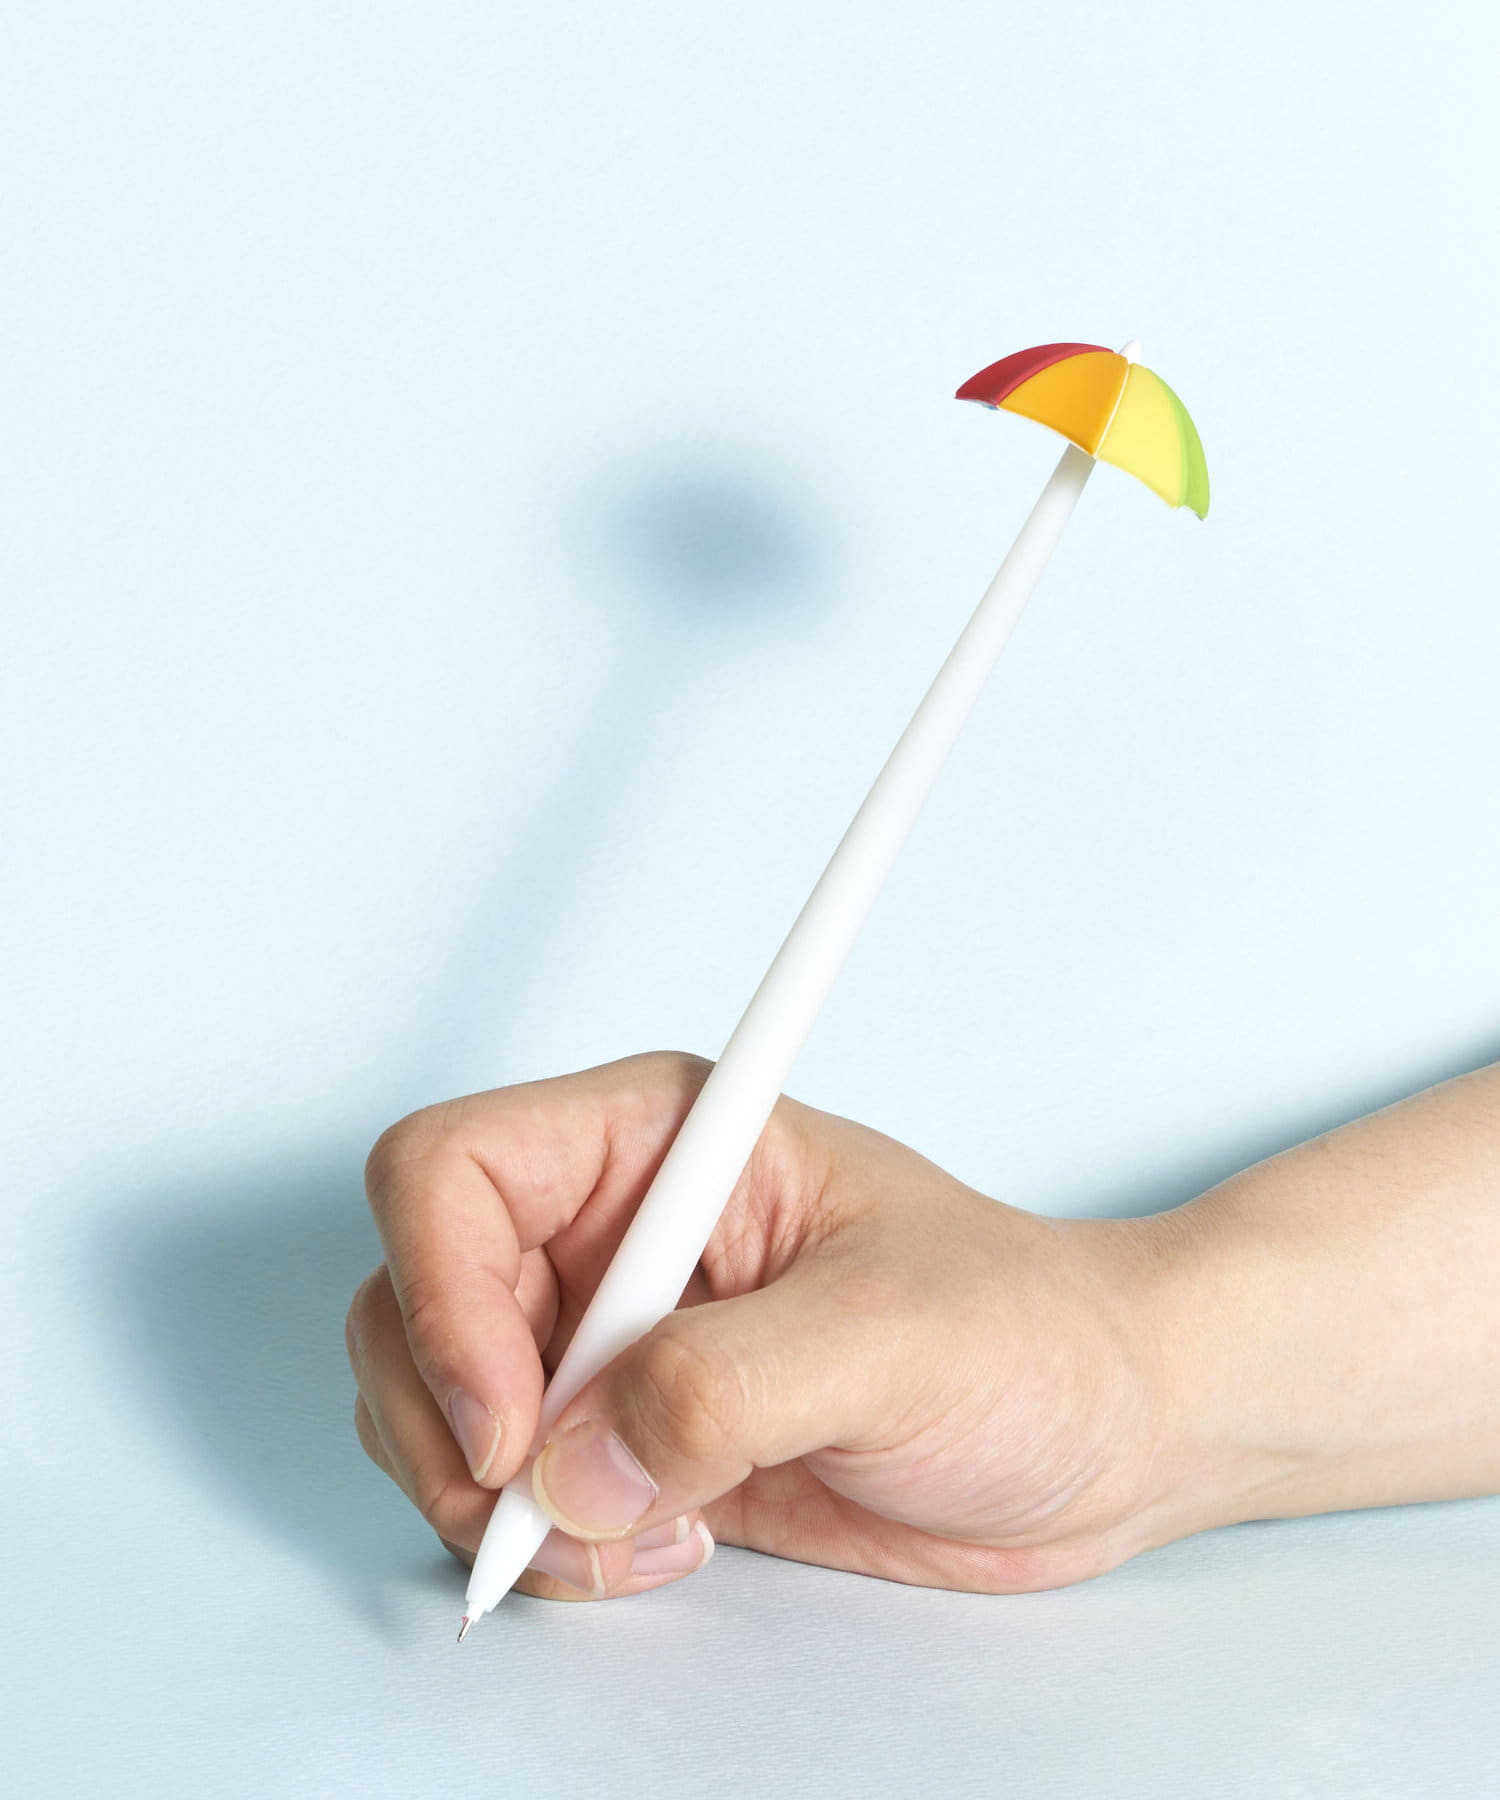 3COINS(スリーコインズ) 【ASOKO】ふにゃふにゃ虹傘ボールペン